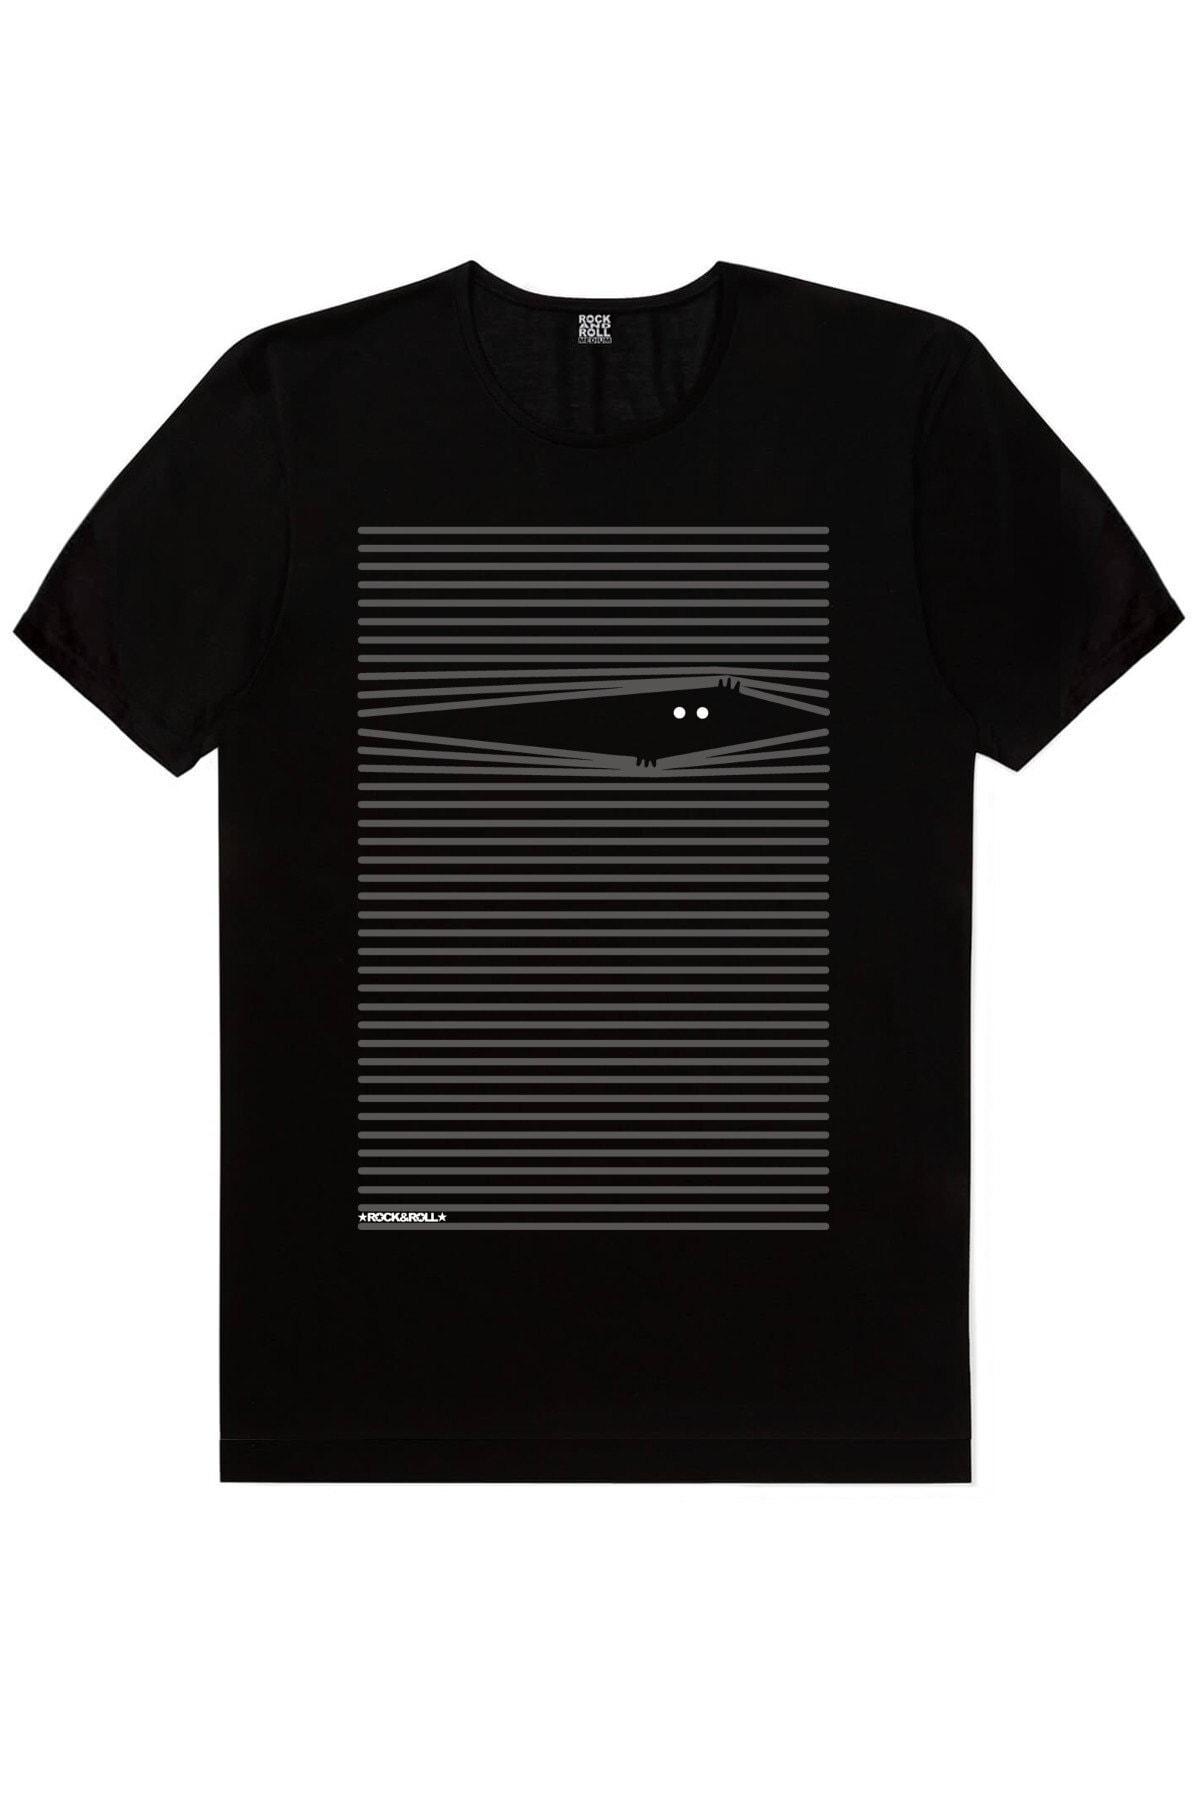 Noluyo Ya Siyah Kısa Kollu Erkek T-shirt